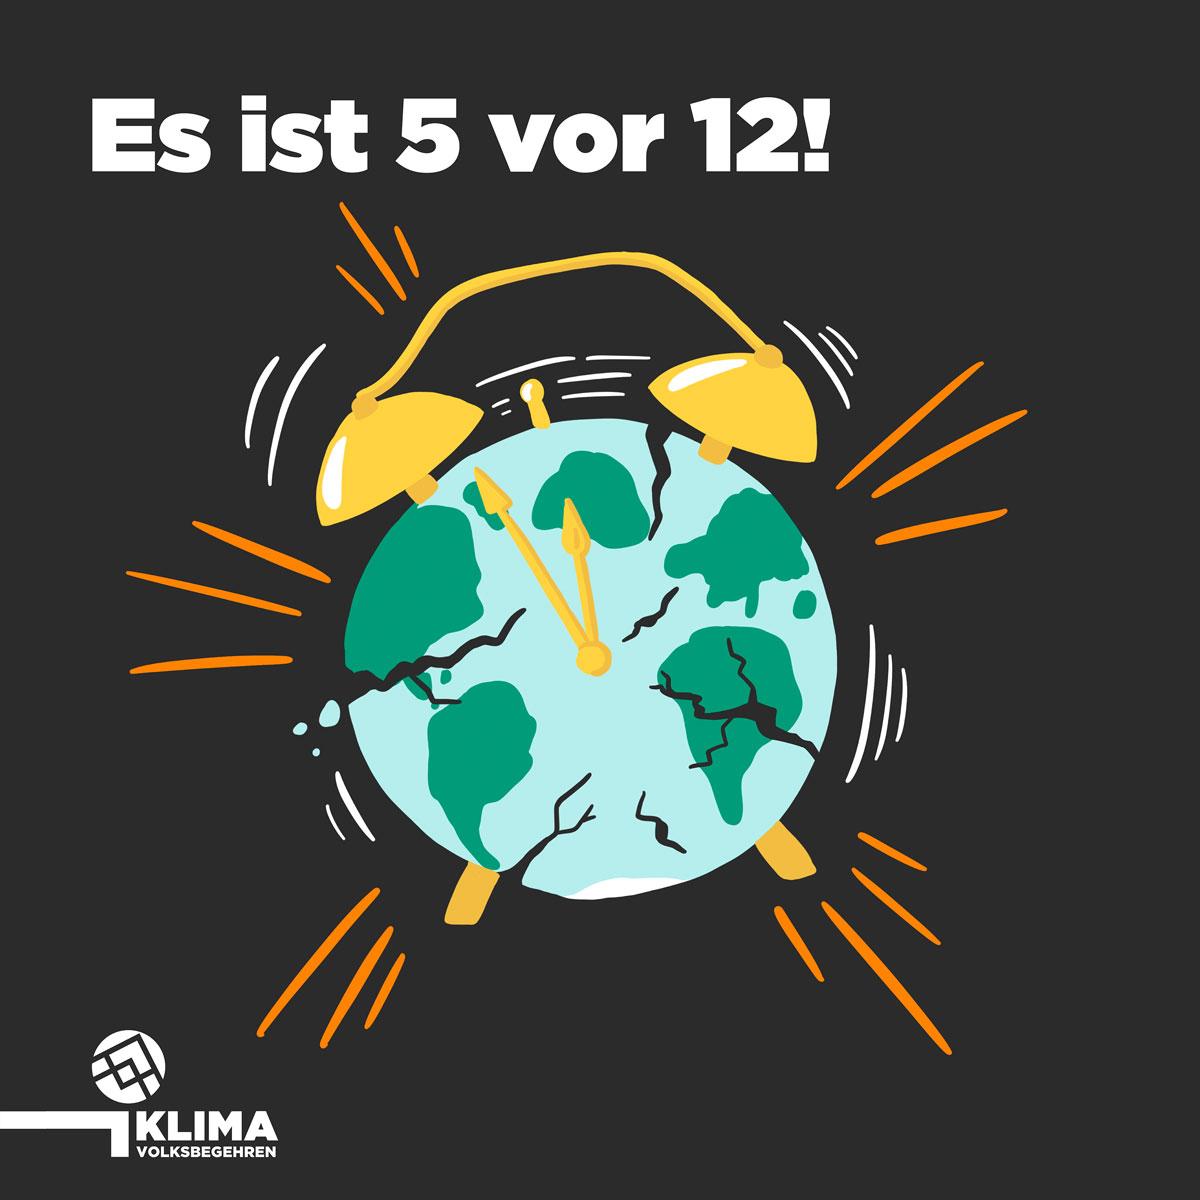 PetraHollaender_Klimavolksbegehren01